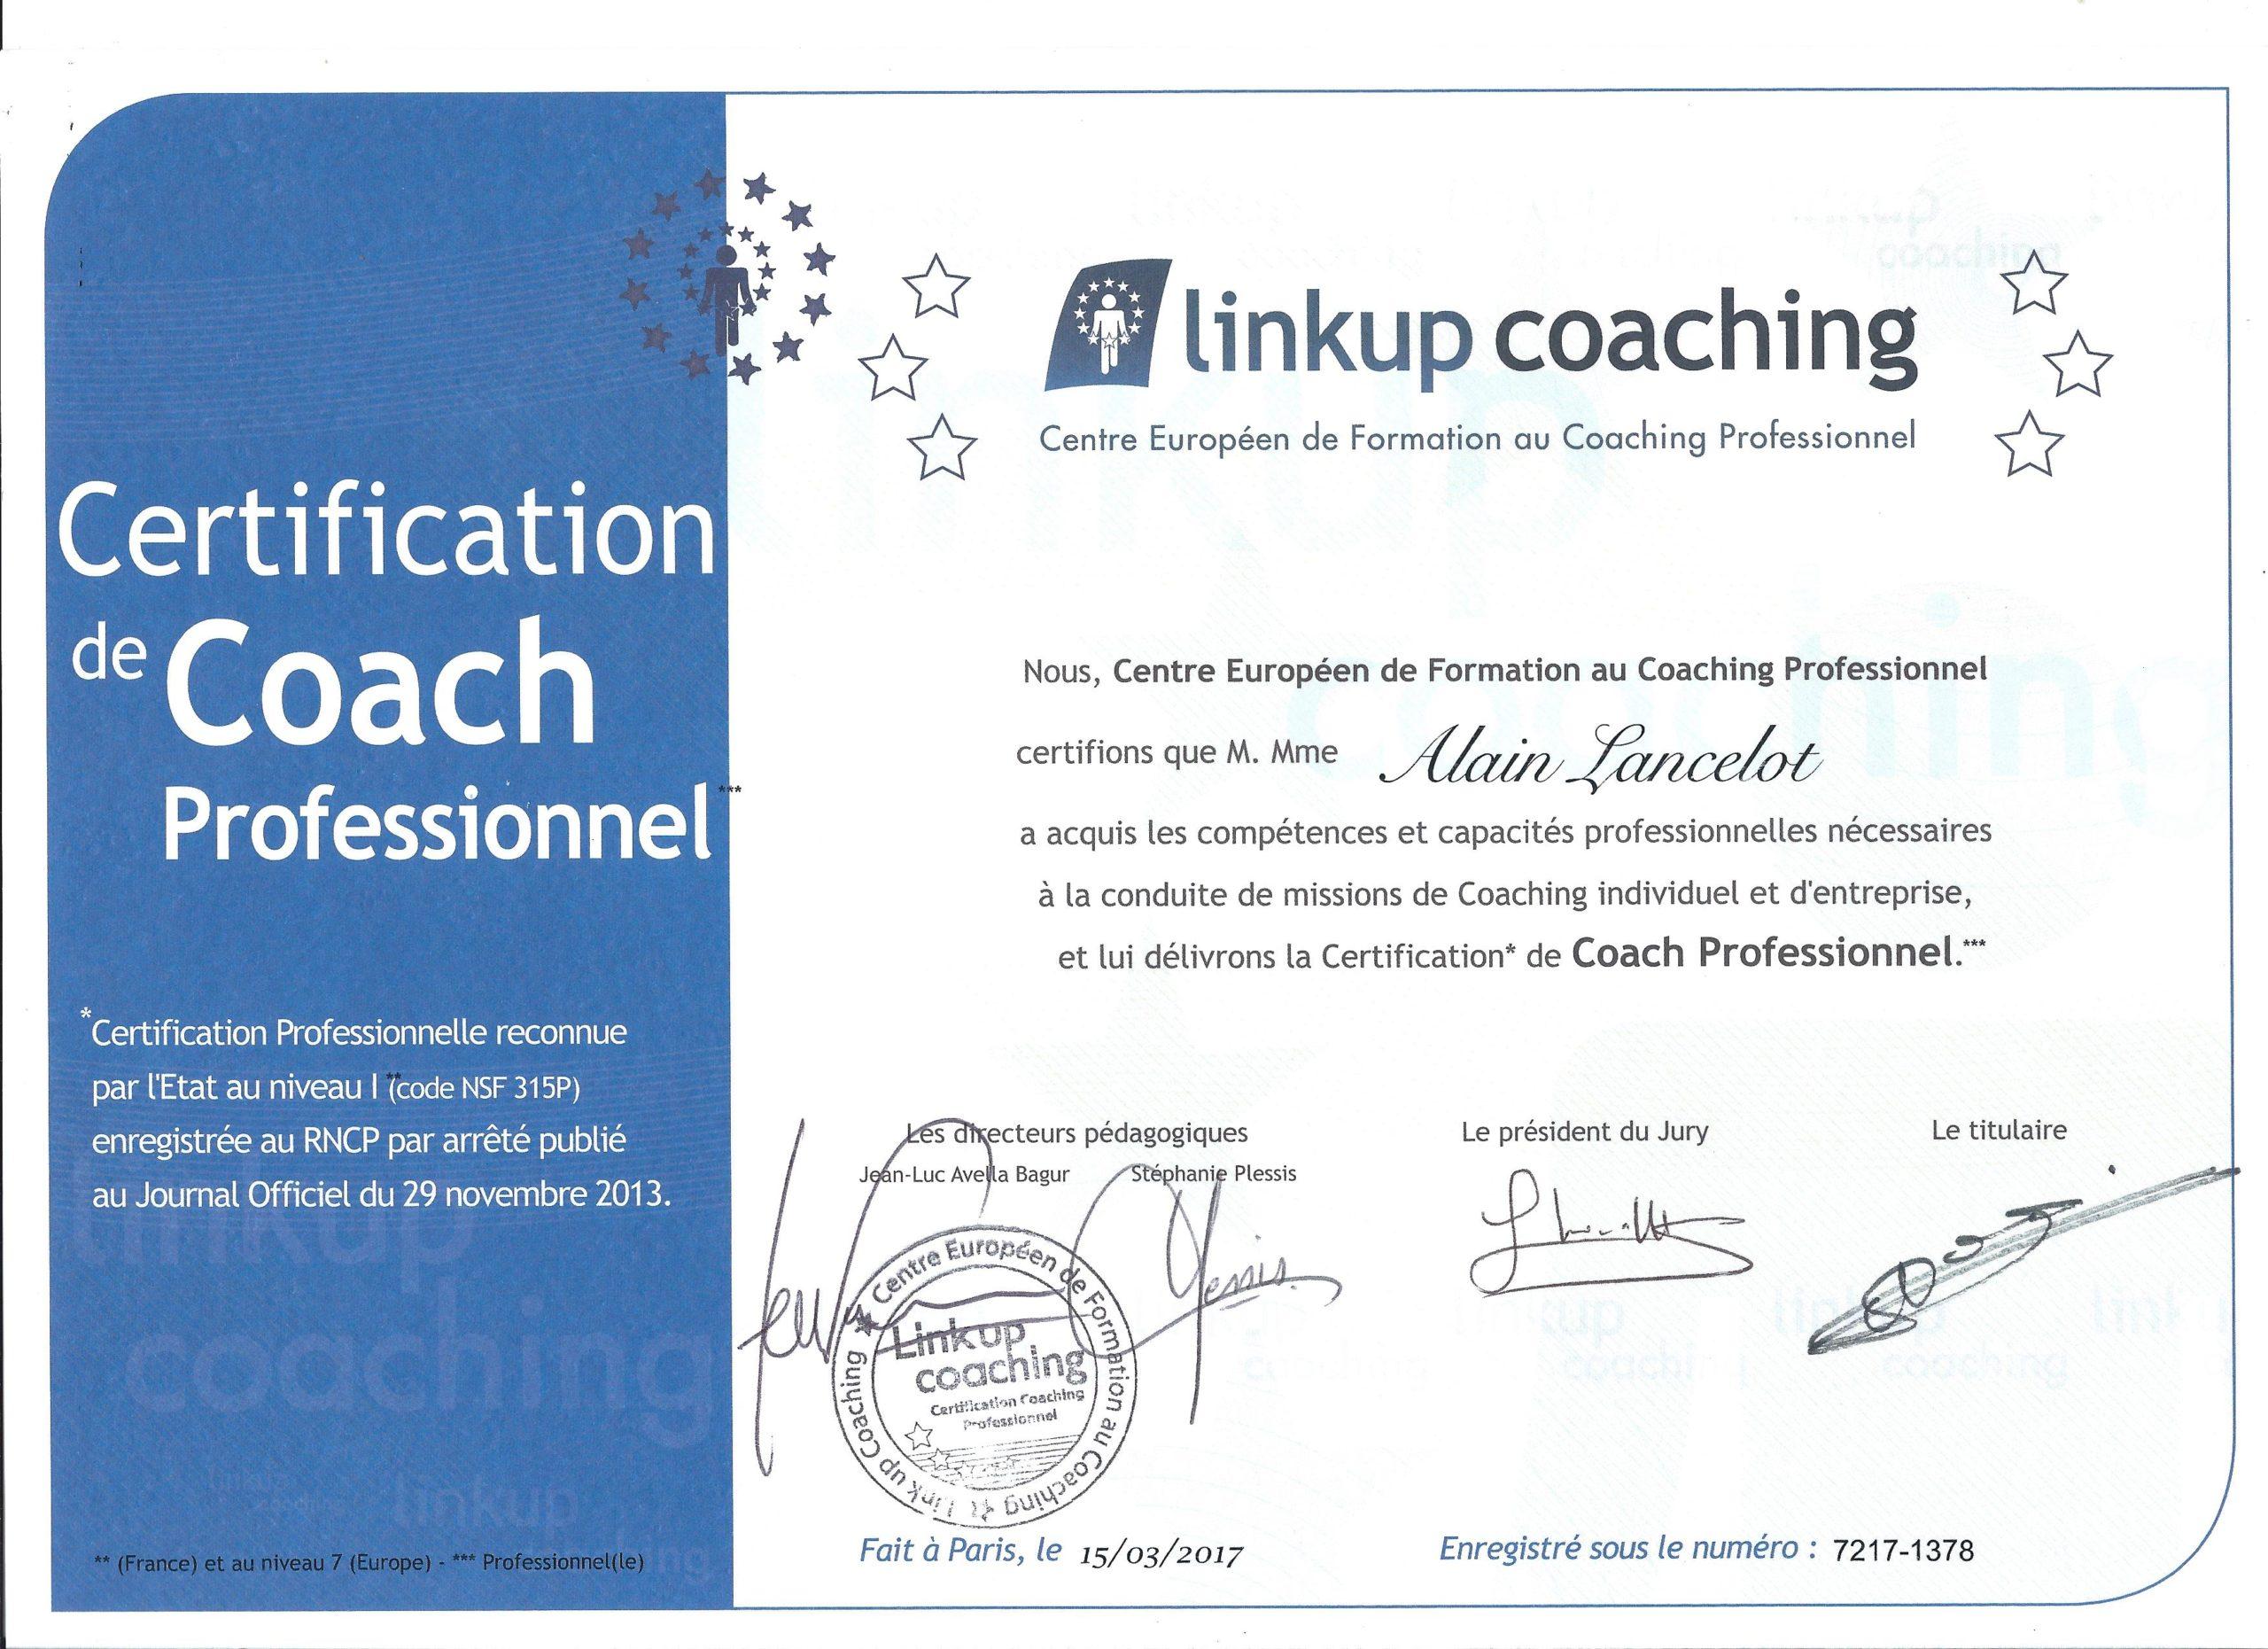 certificat de coach professionel RNCP pour -faisons connaissance-